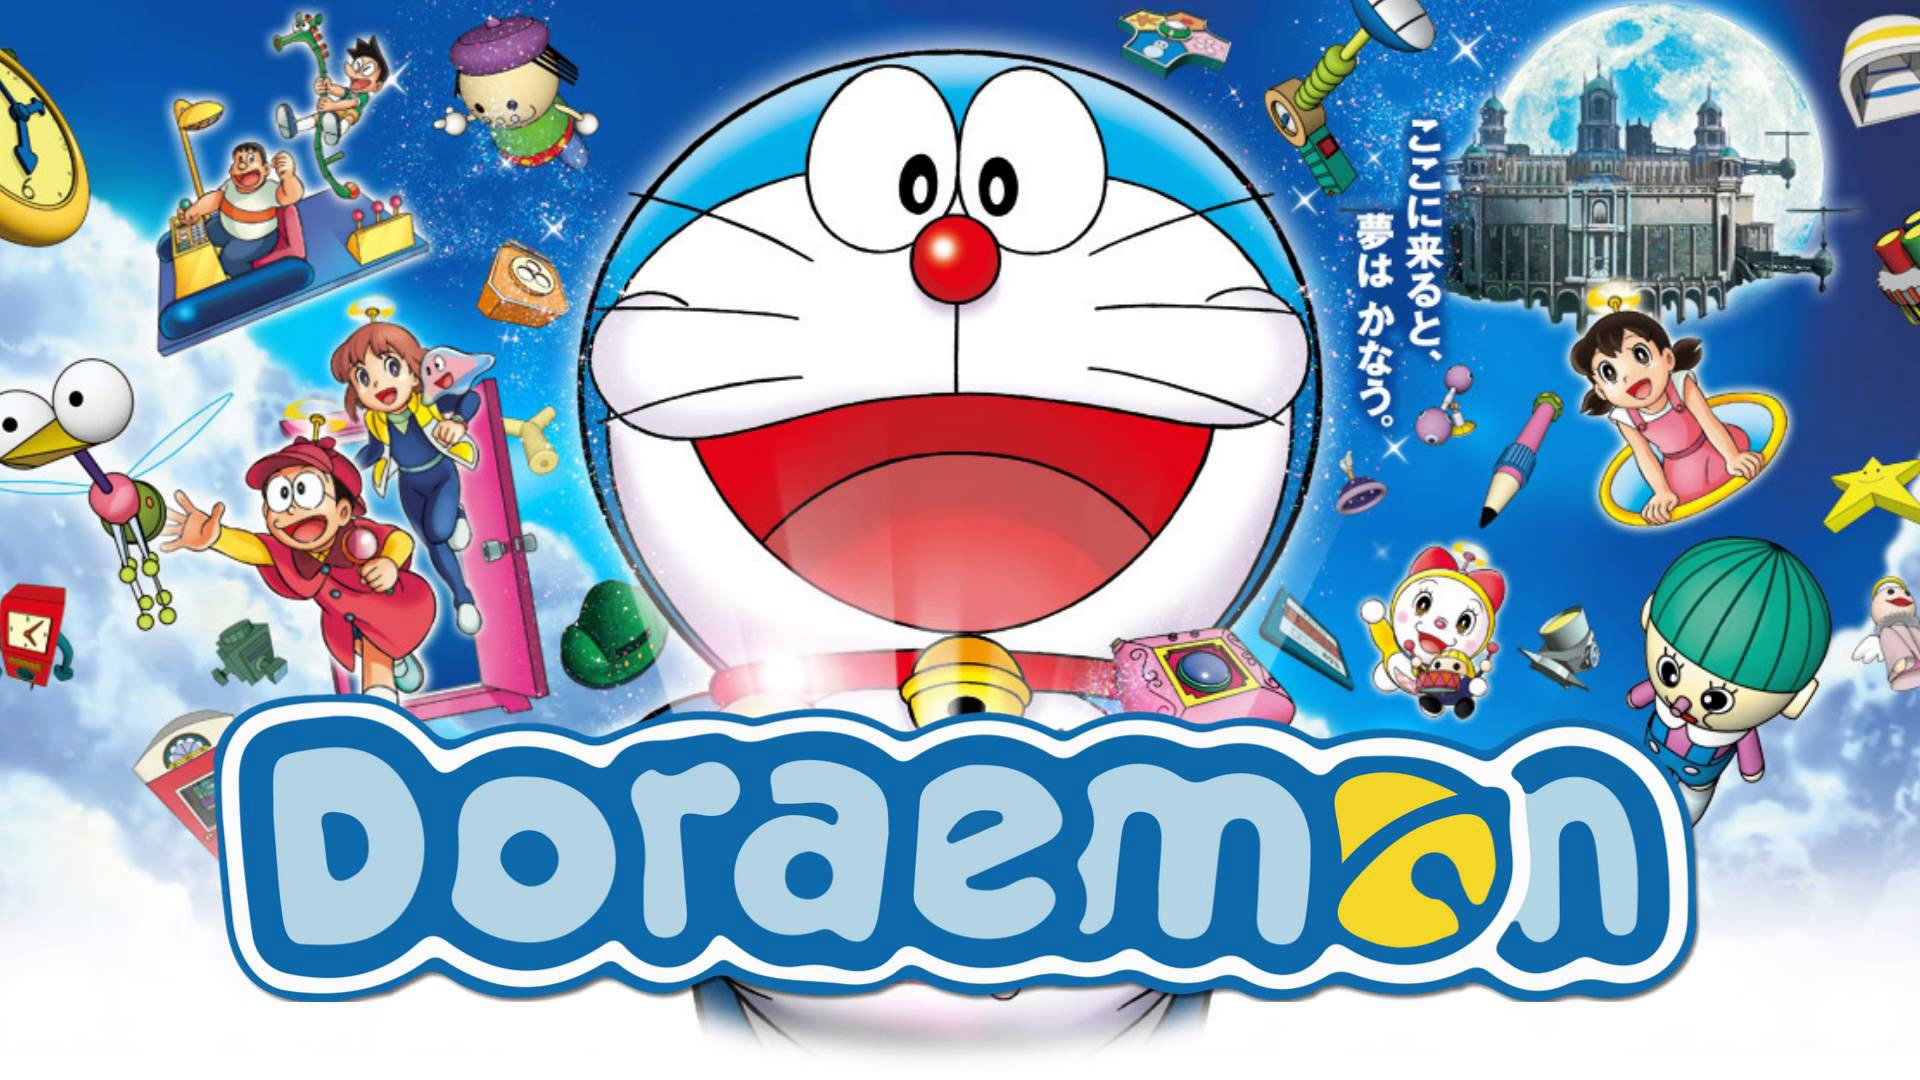 Doraemon wallpaper 6